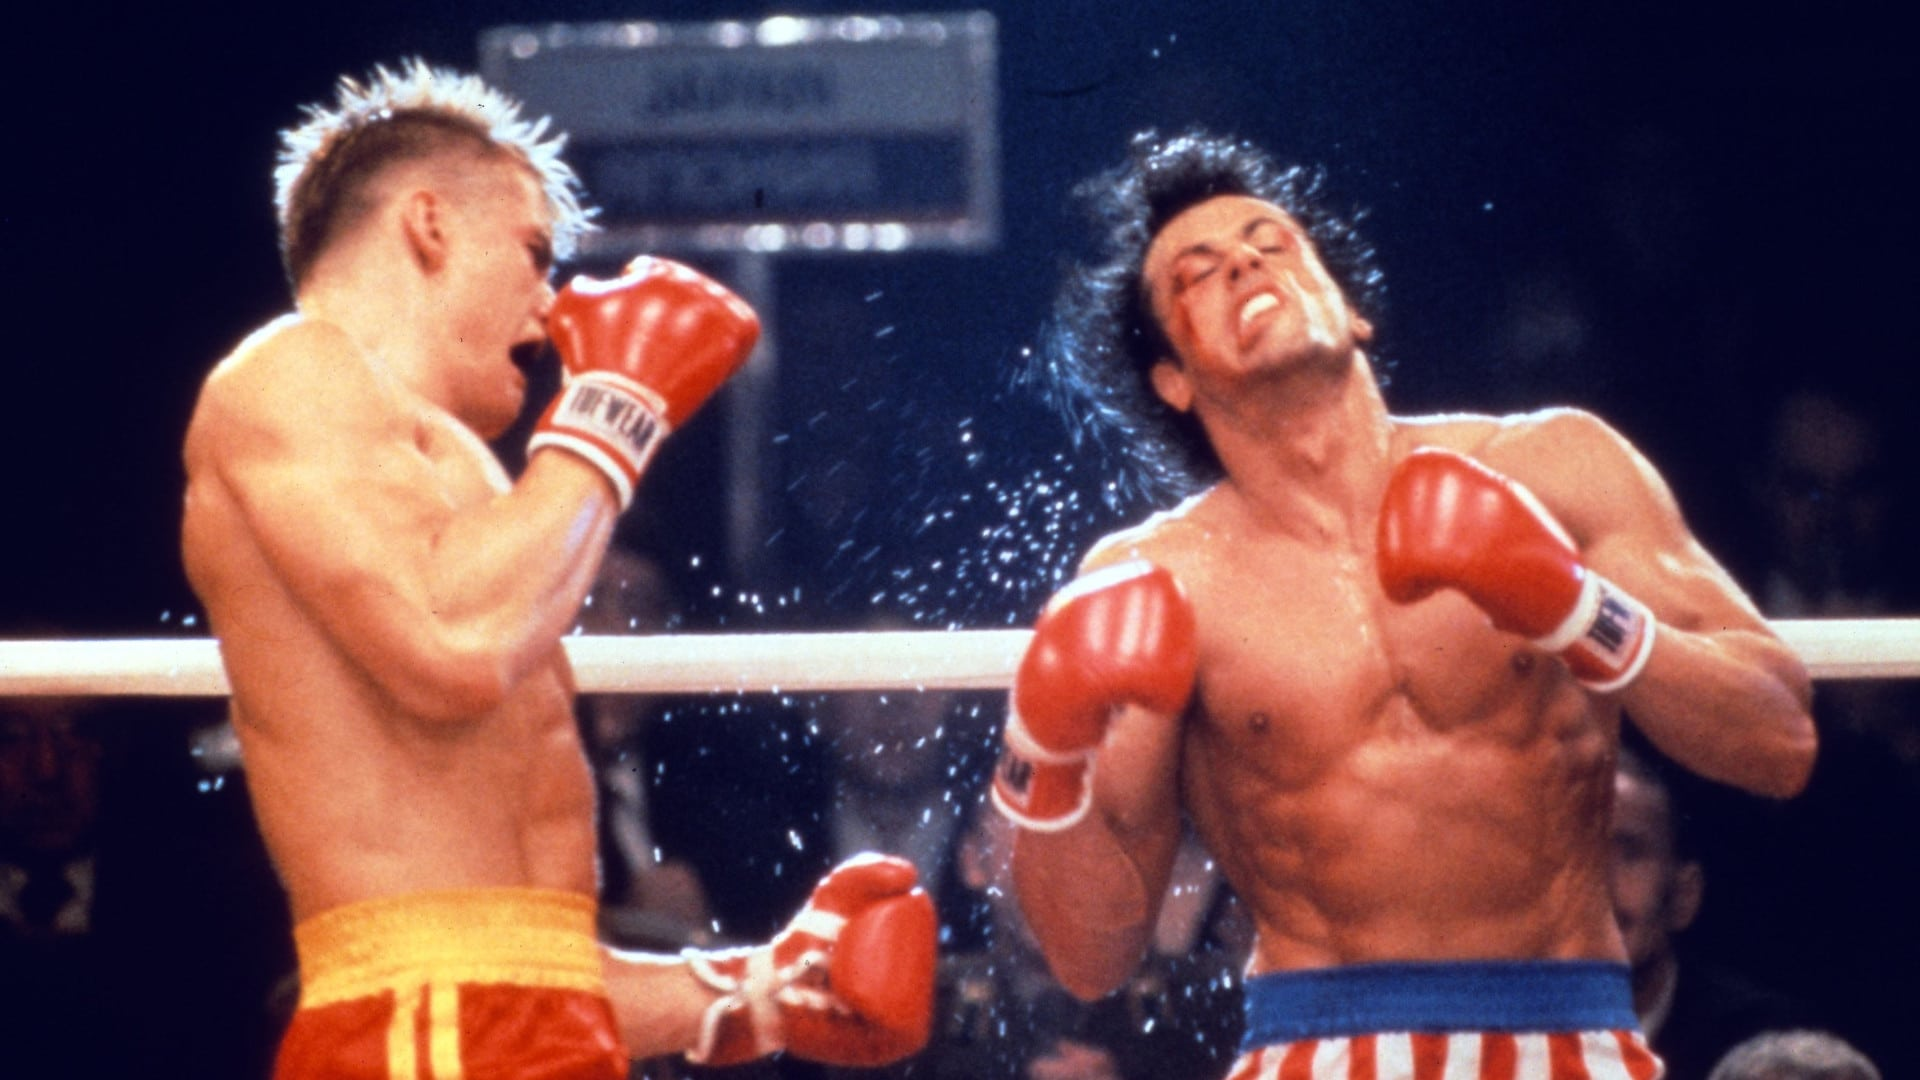 rocky iv fight scene